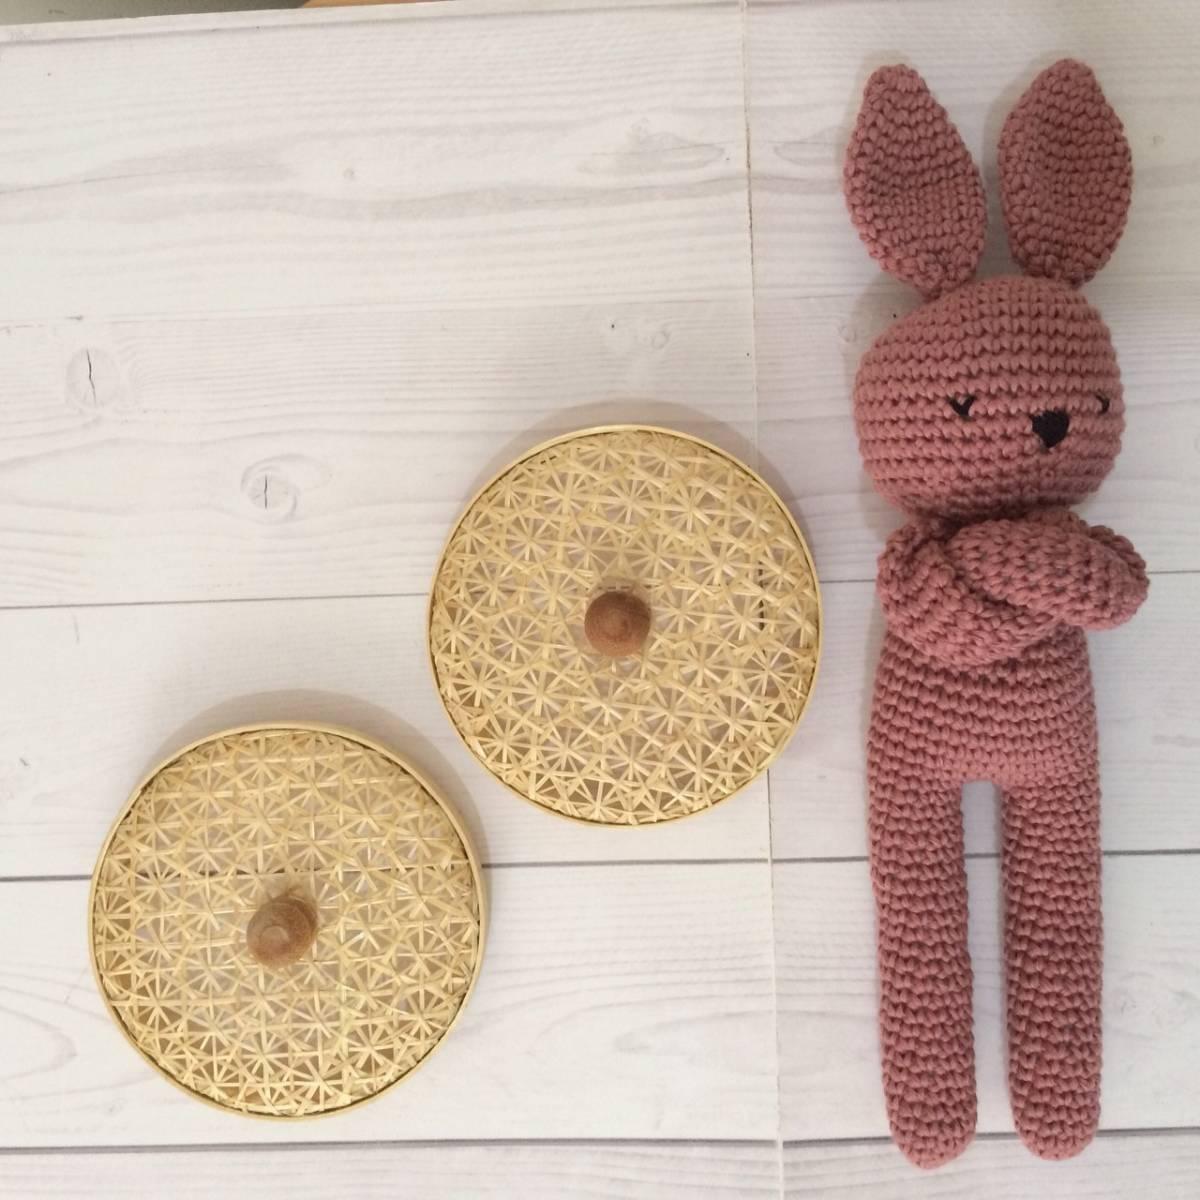 Boneka Amigurami Rabbit